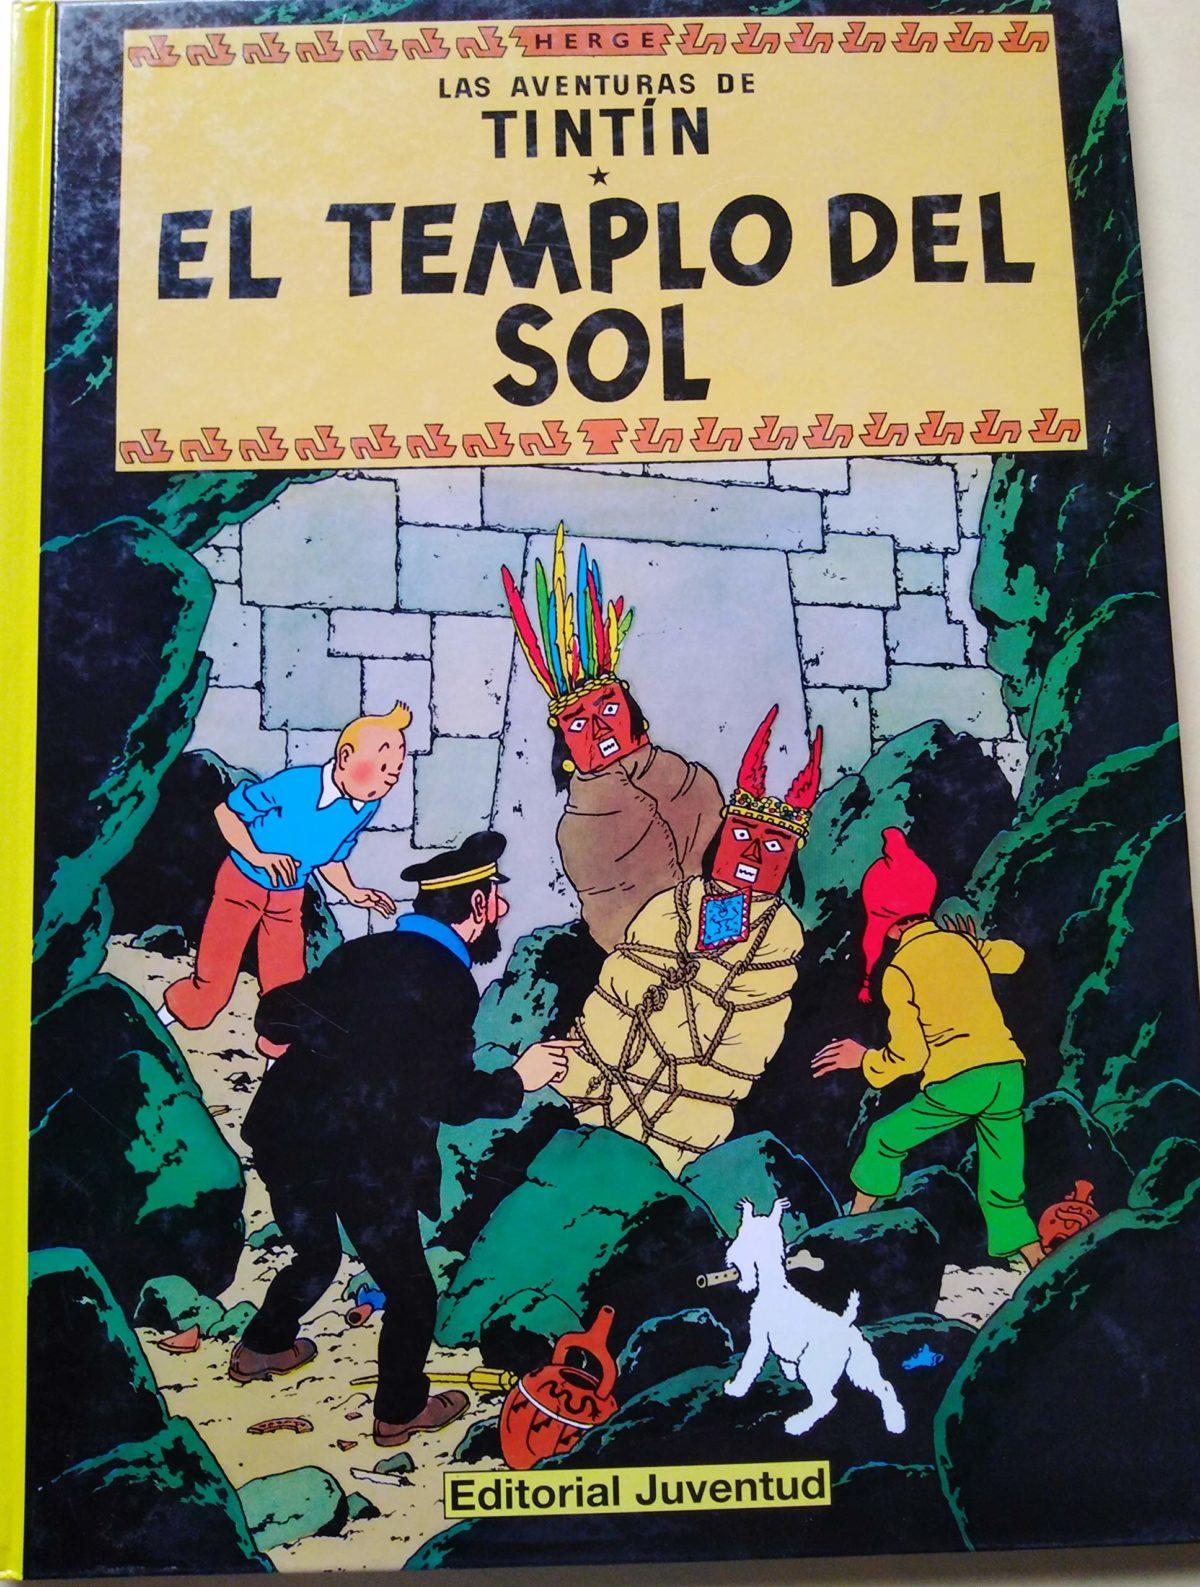 El templo del Sol - Las Aventuras de Tintín (Cartoné)